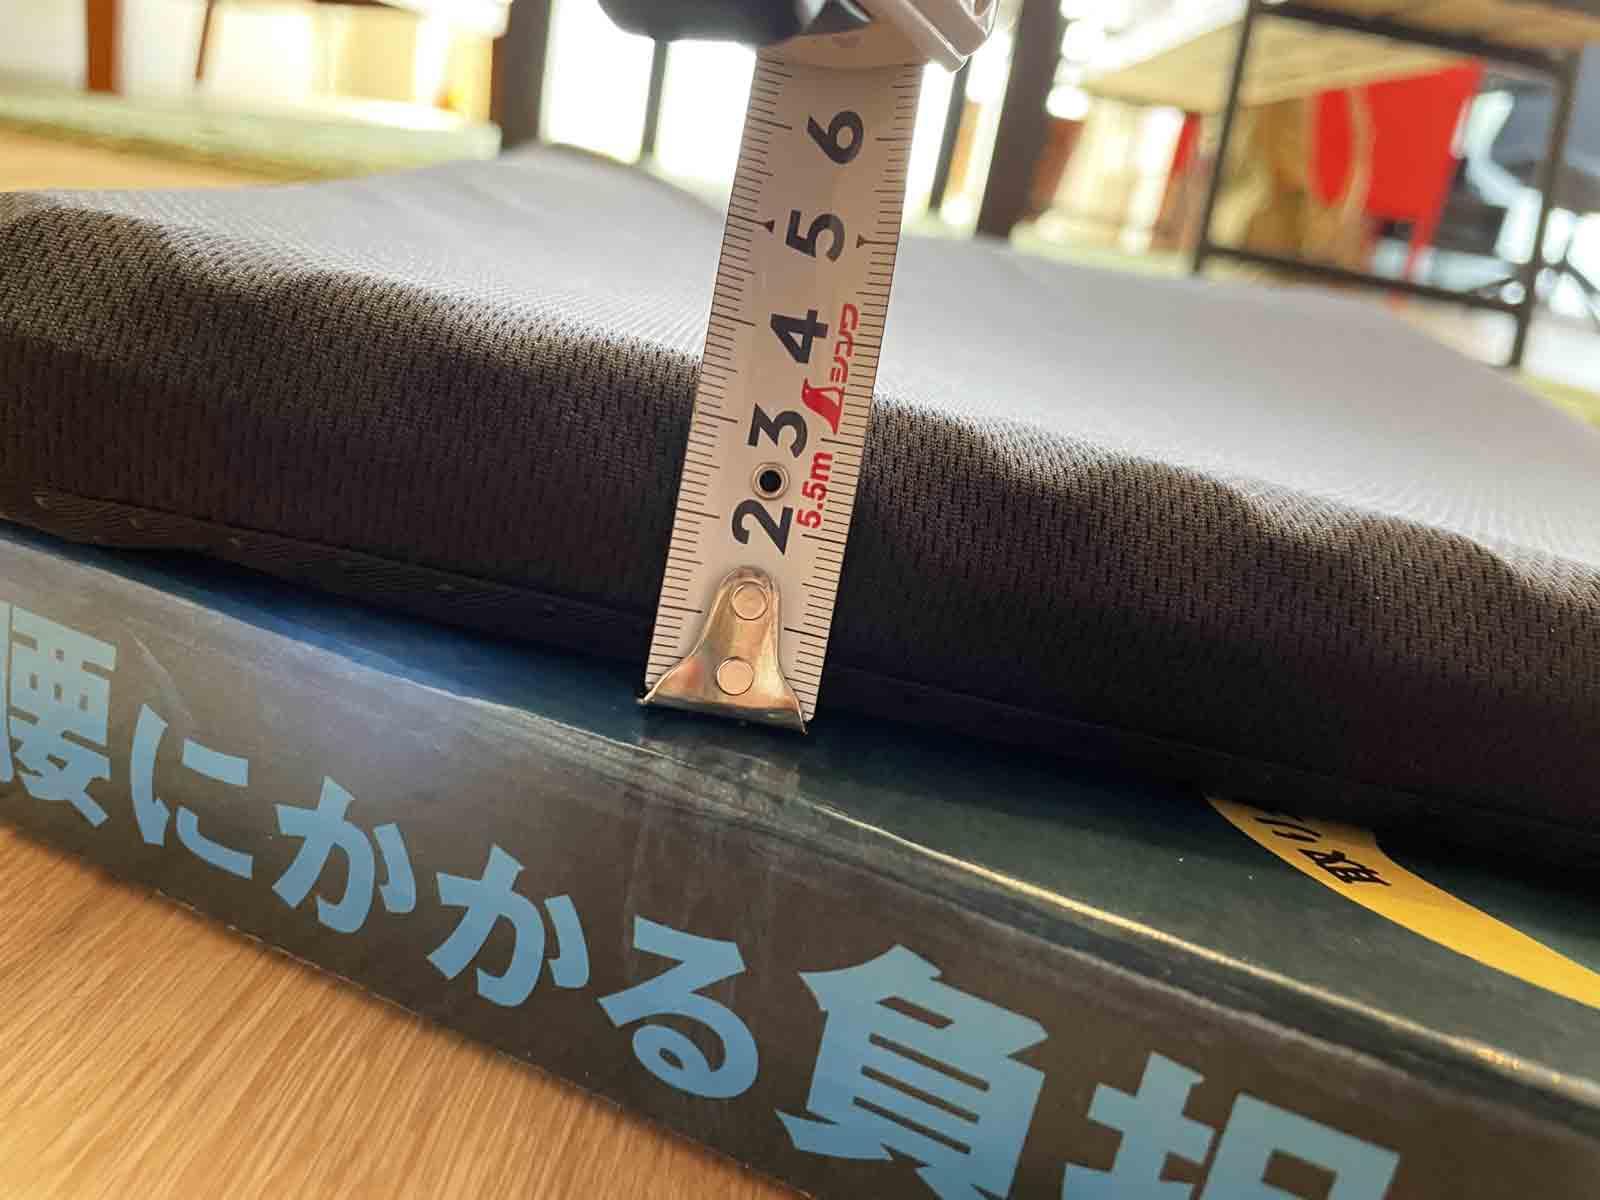 ドンキホーテのゲルクッションの高さを計測している